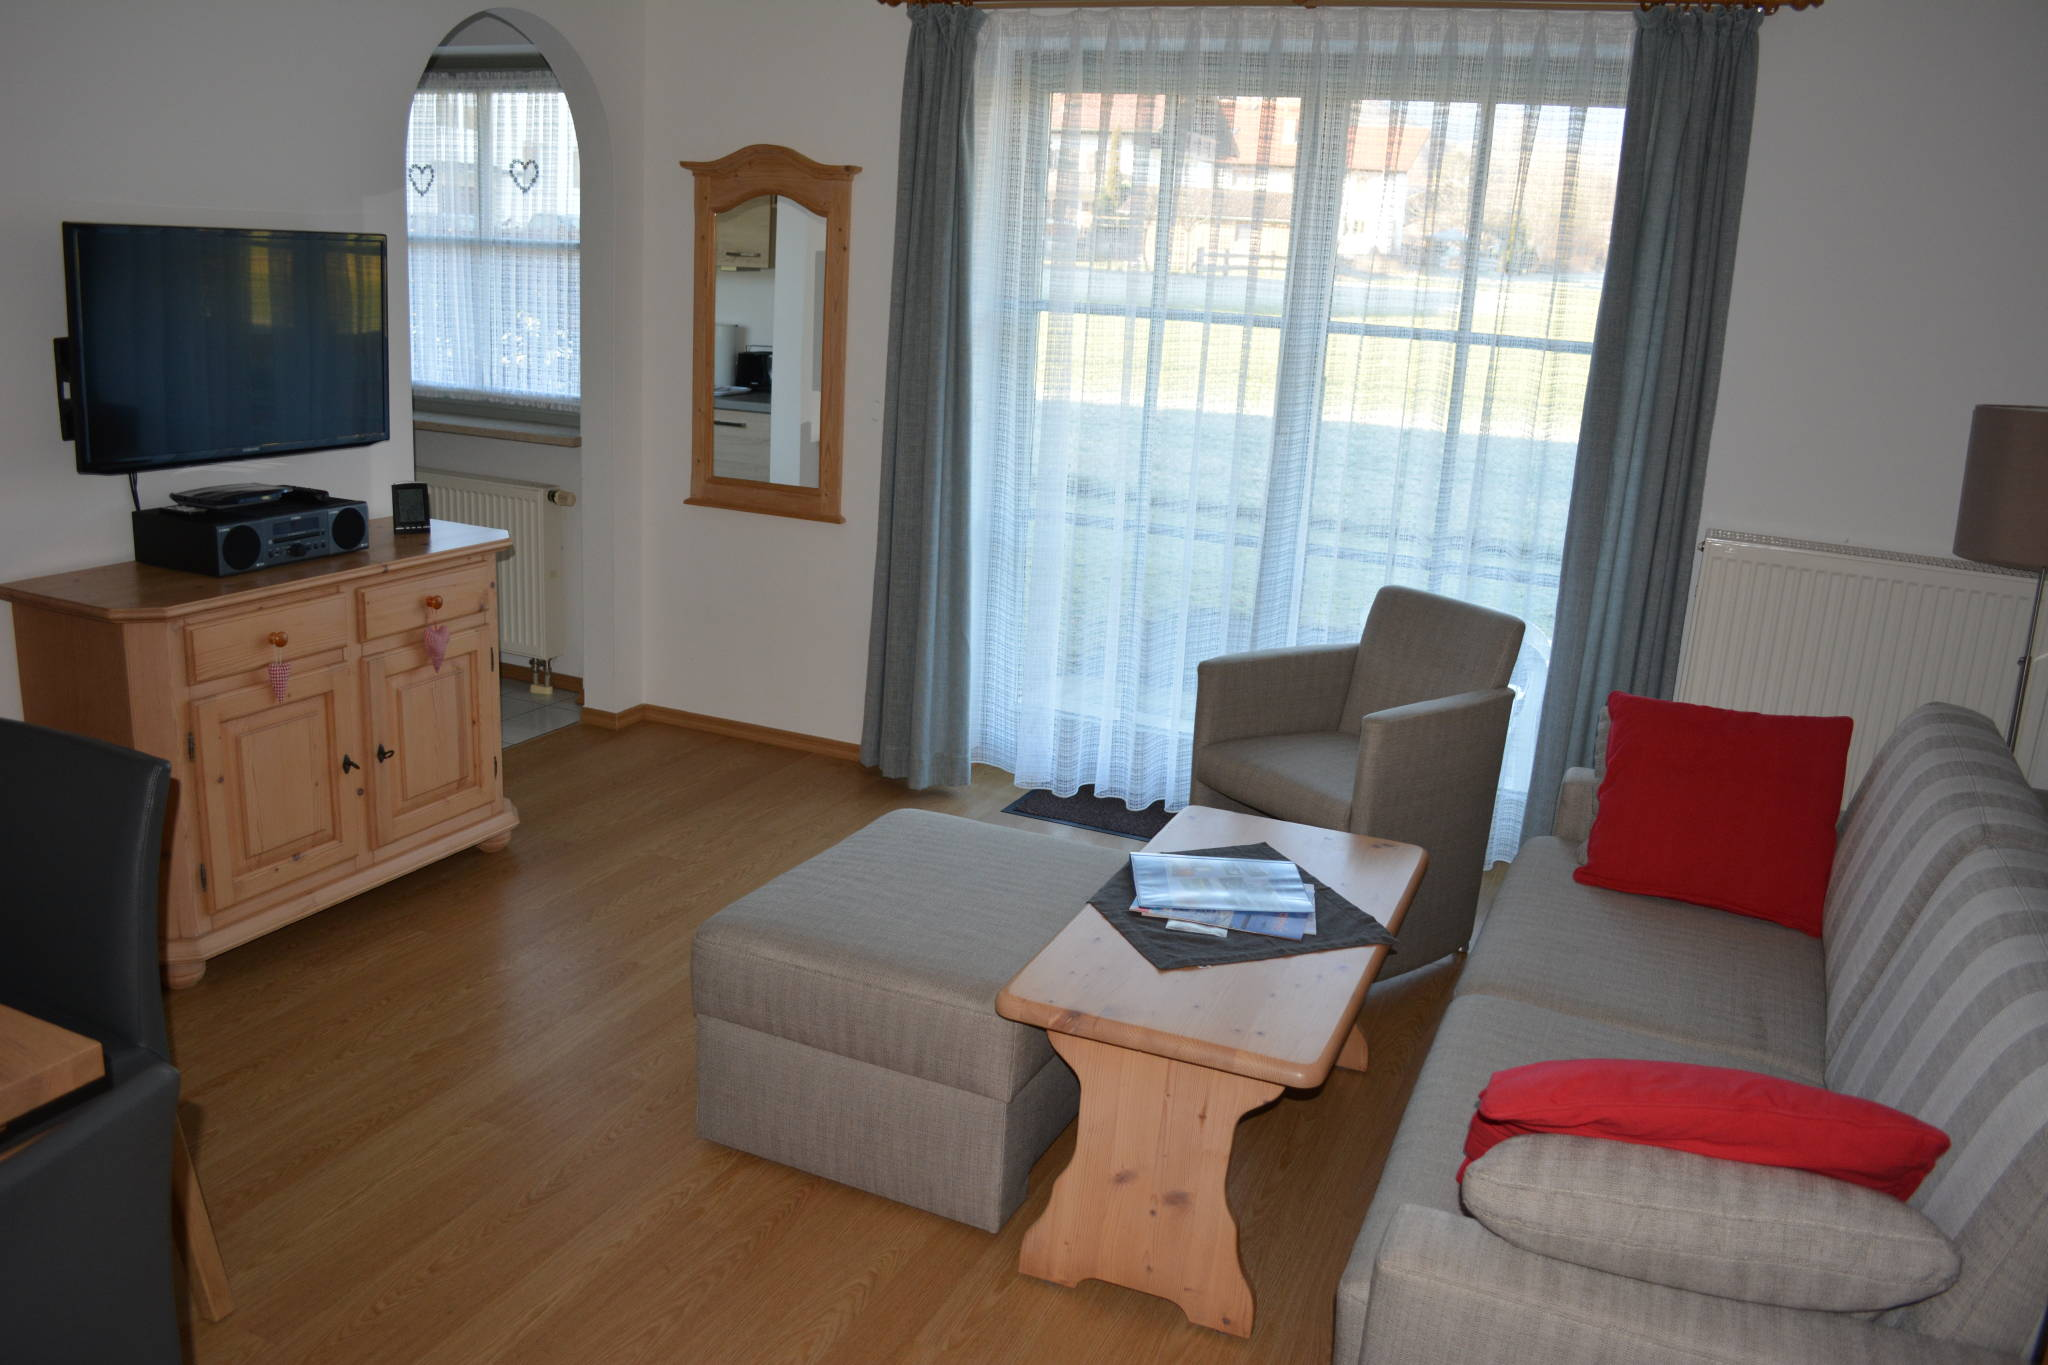 Der Wohnraum mit Küche und Essecke